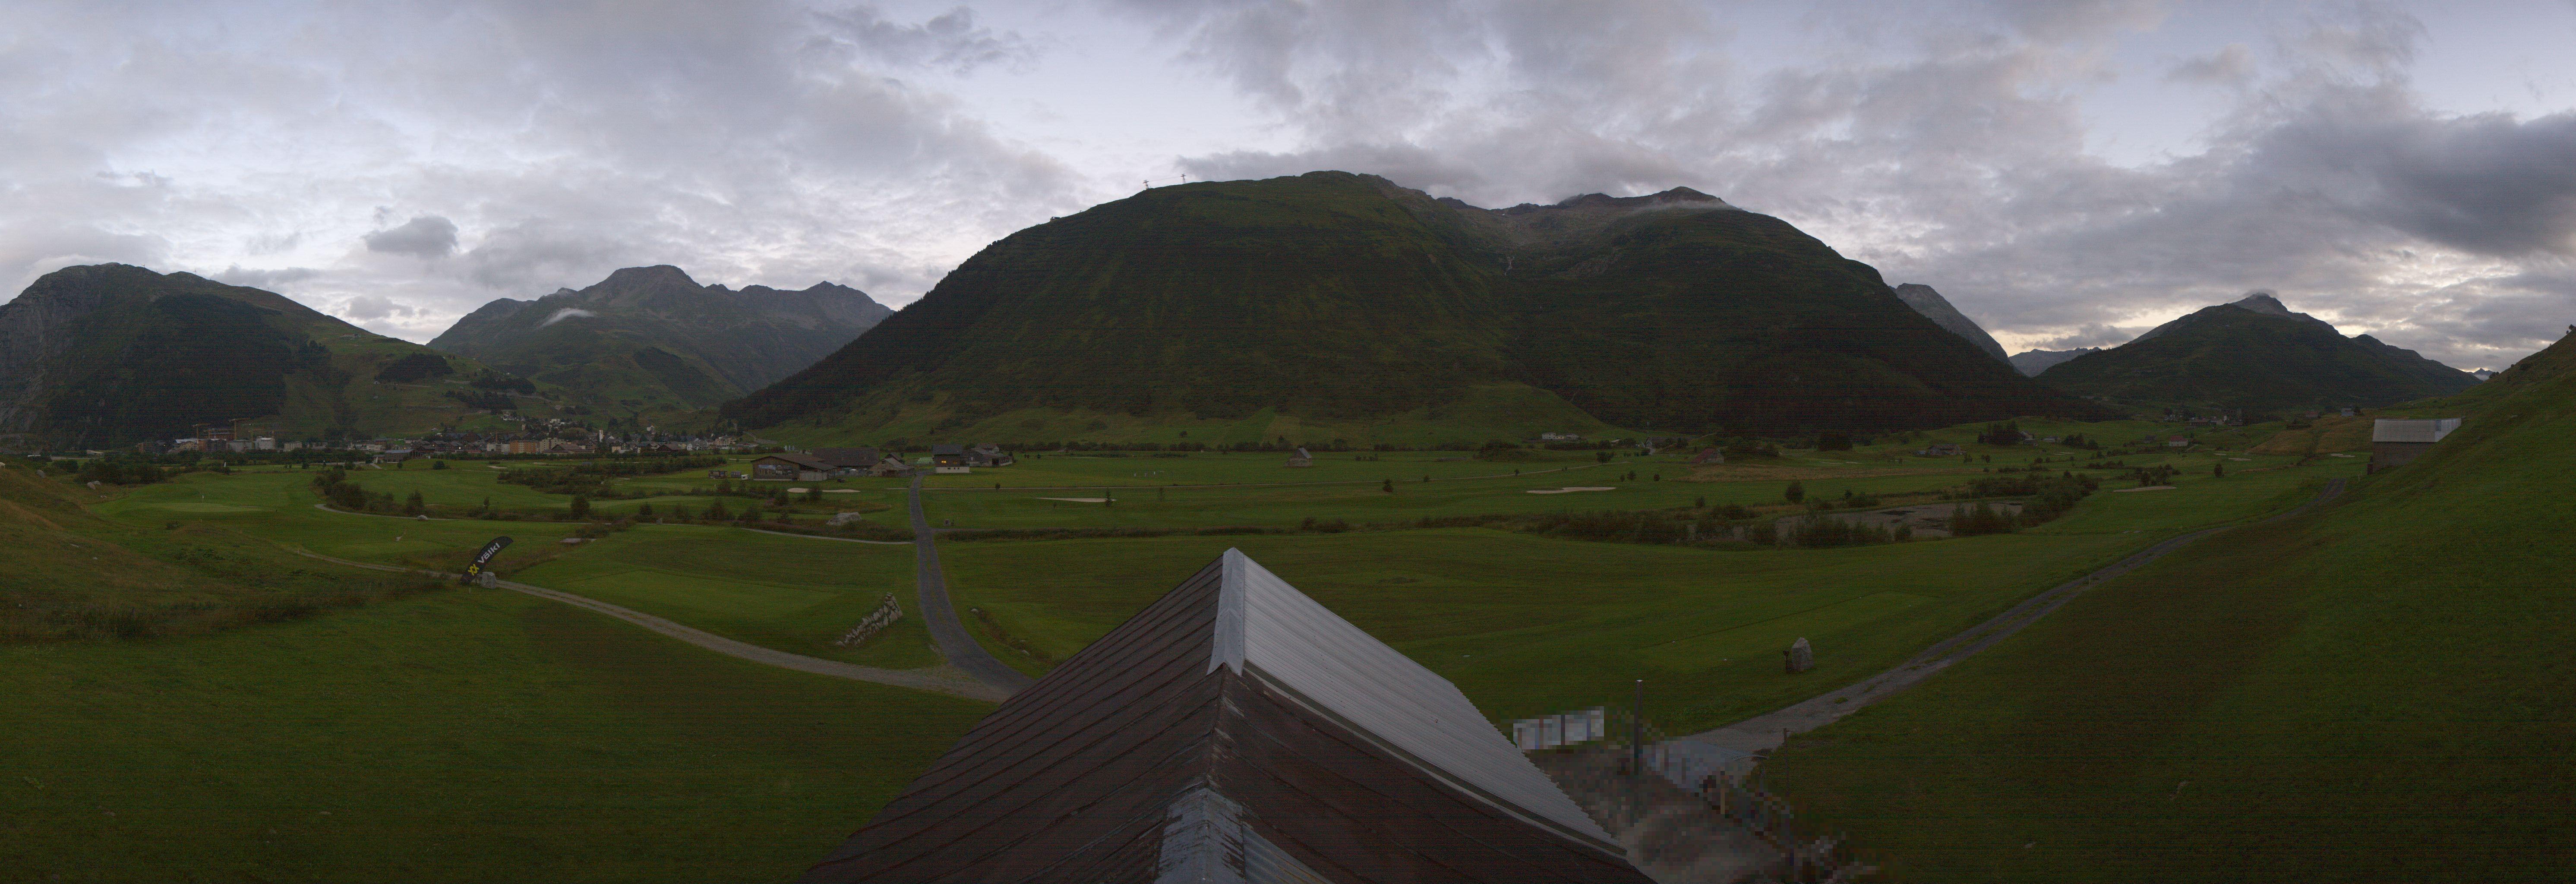 Andermatt › Süd: Andermatt Swiss Alps Golf Course